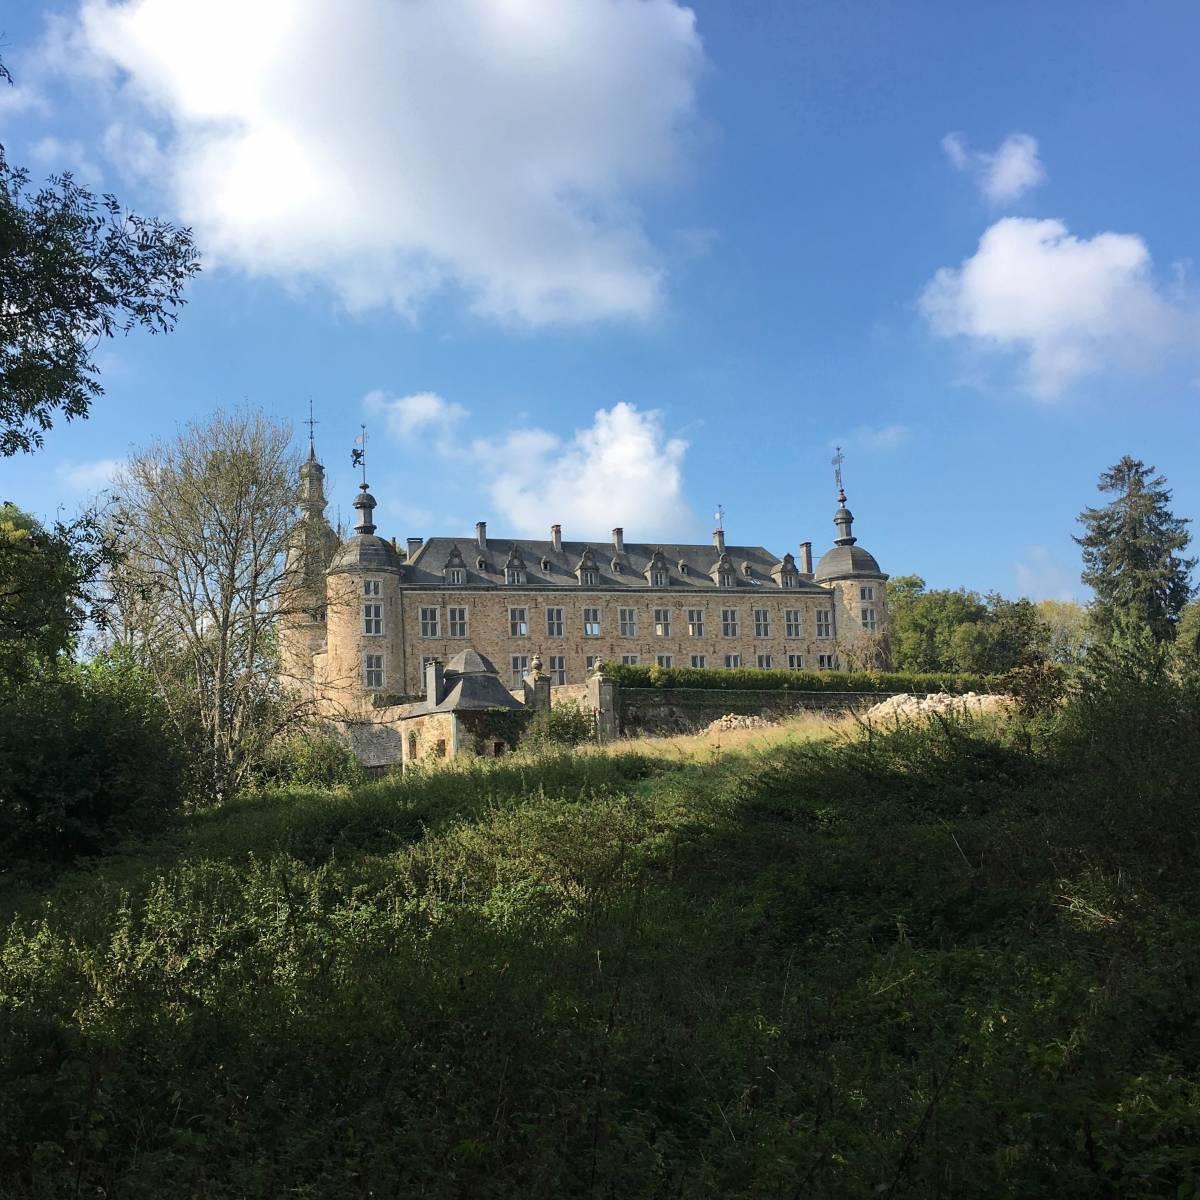 Château de mirwart_zichtmonument (1)